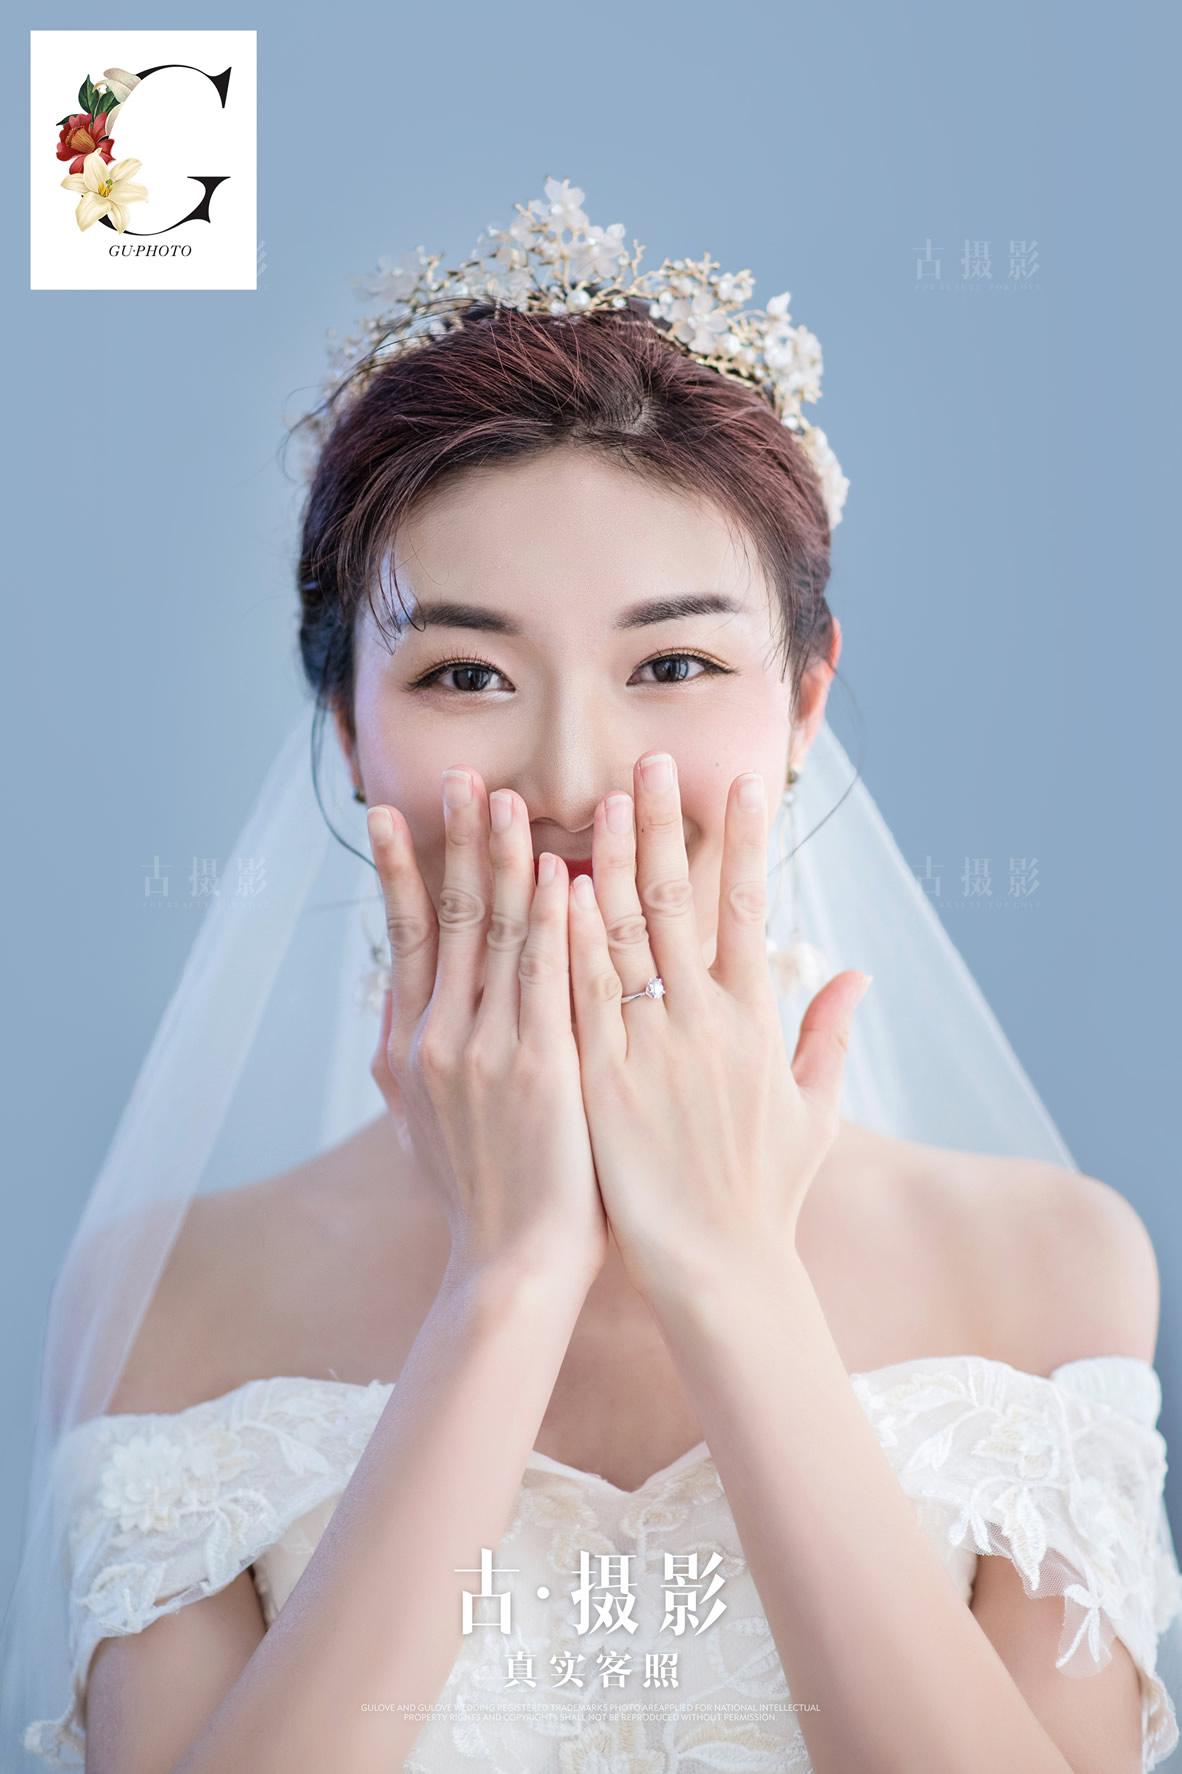 3月8日客片廖先生 肖小姐 - 每日客照 - 广州婚纱摄影-广州古摄影官网